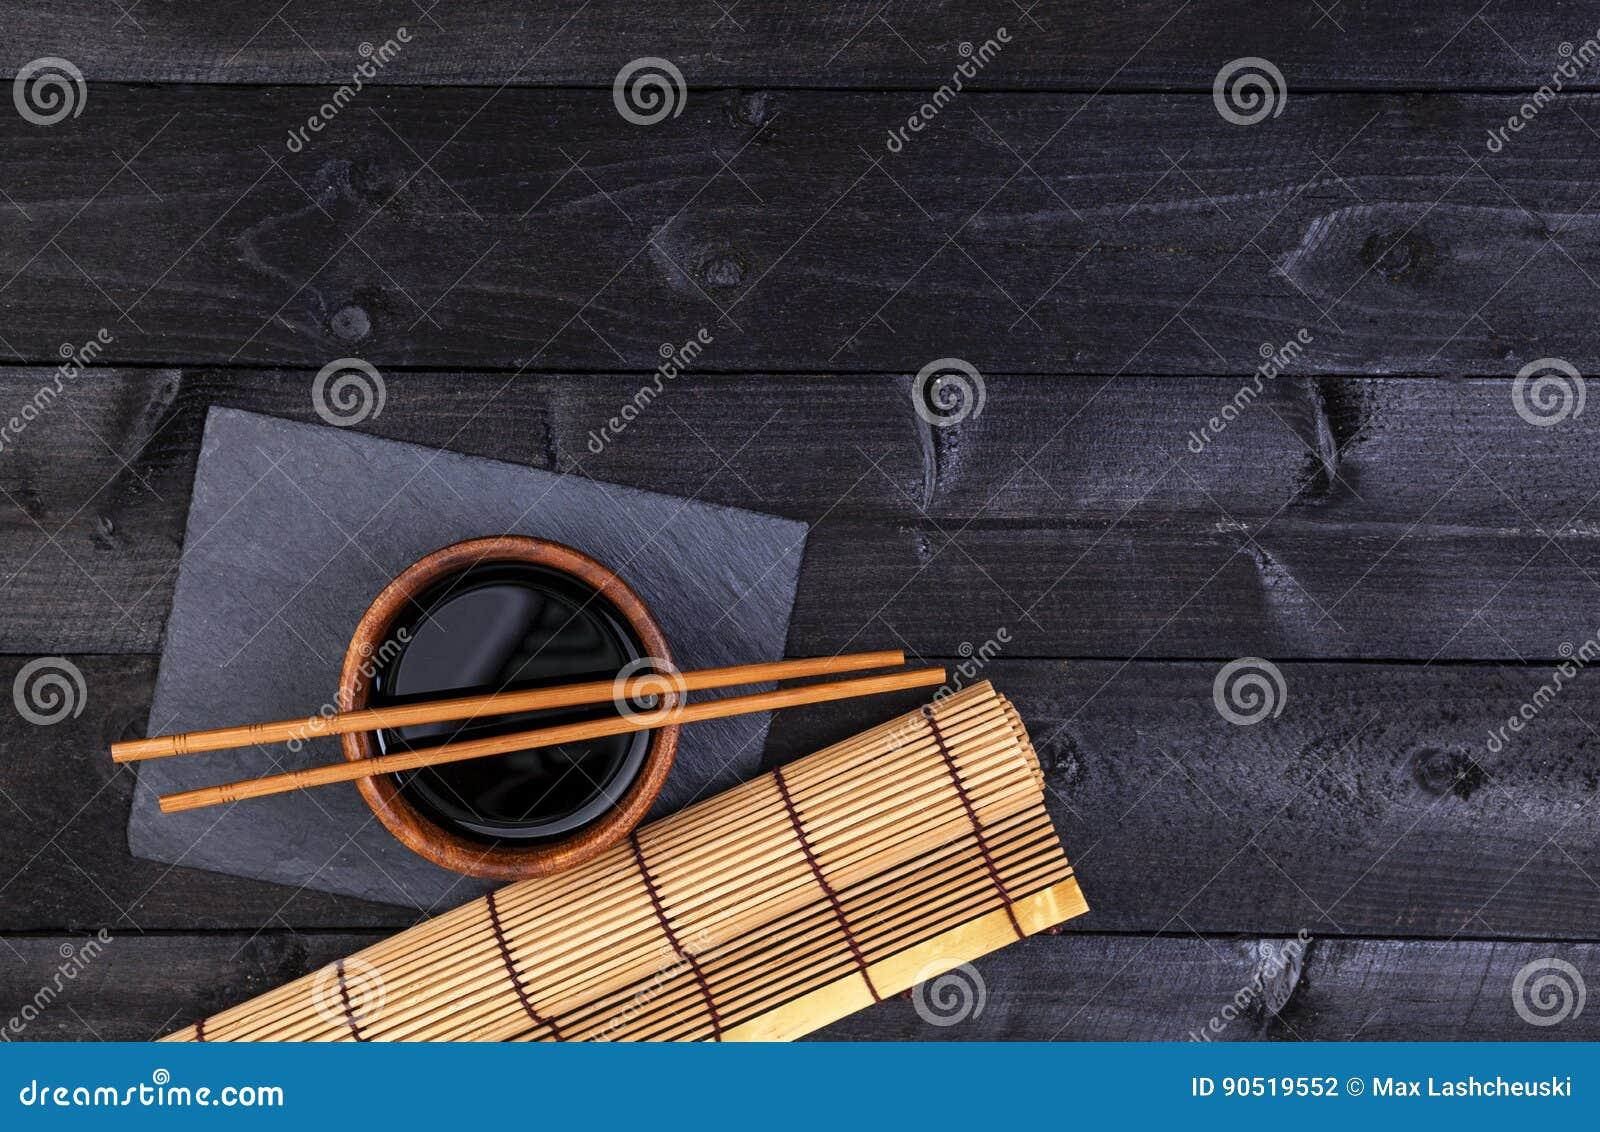 Hintergrund Fur Sushi Bambusmatte Und Sojasosse Auf Schwarzem